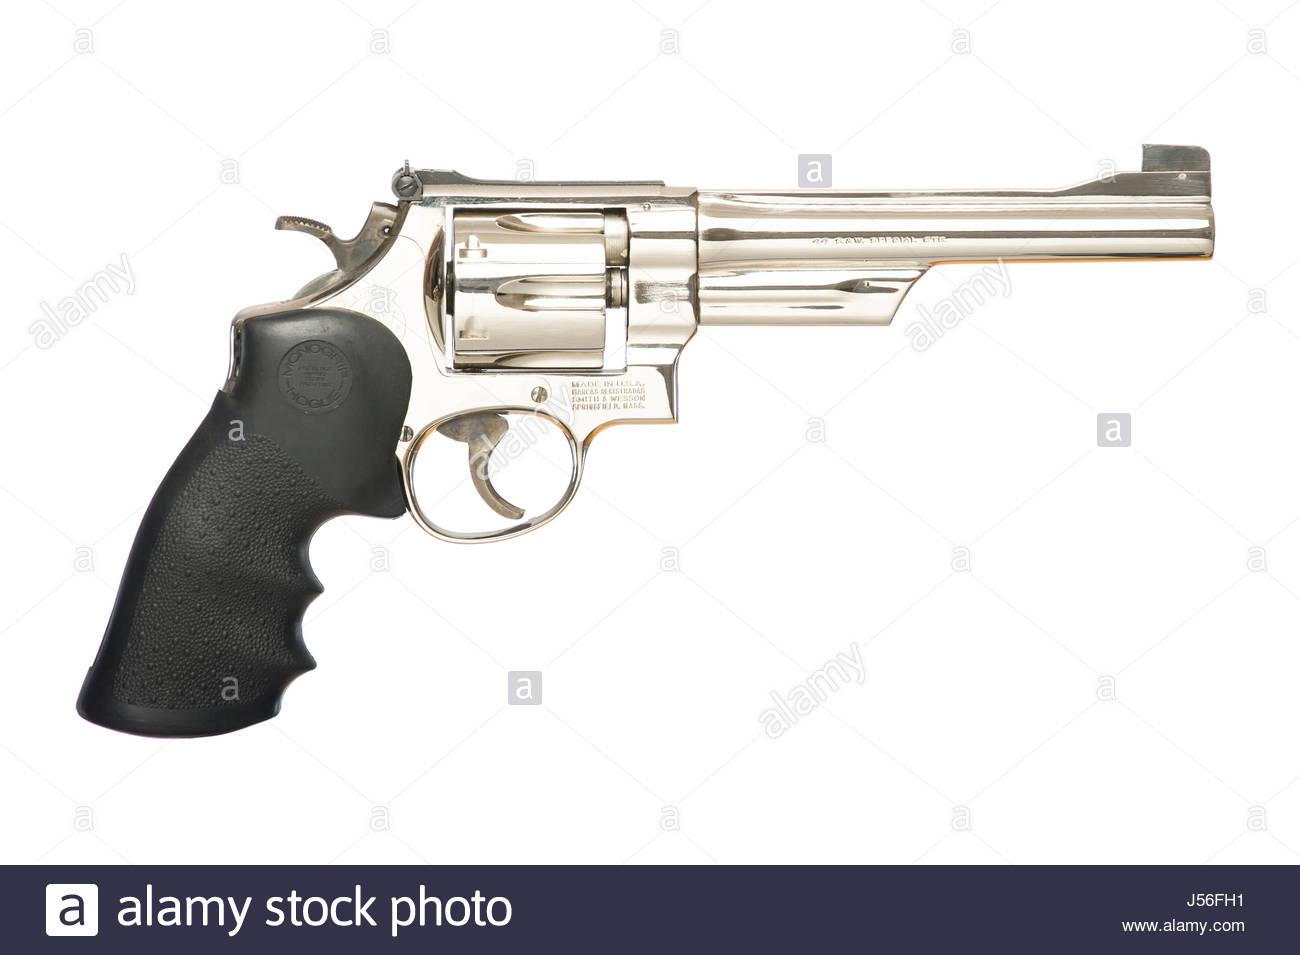 Smith & Wesson CTG, 44 especiales, n Marco, 6.5 pulgadas barril ...